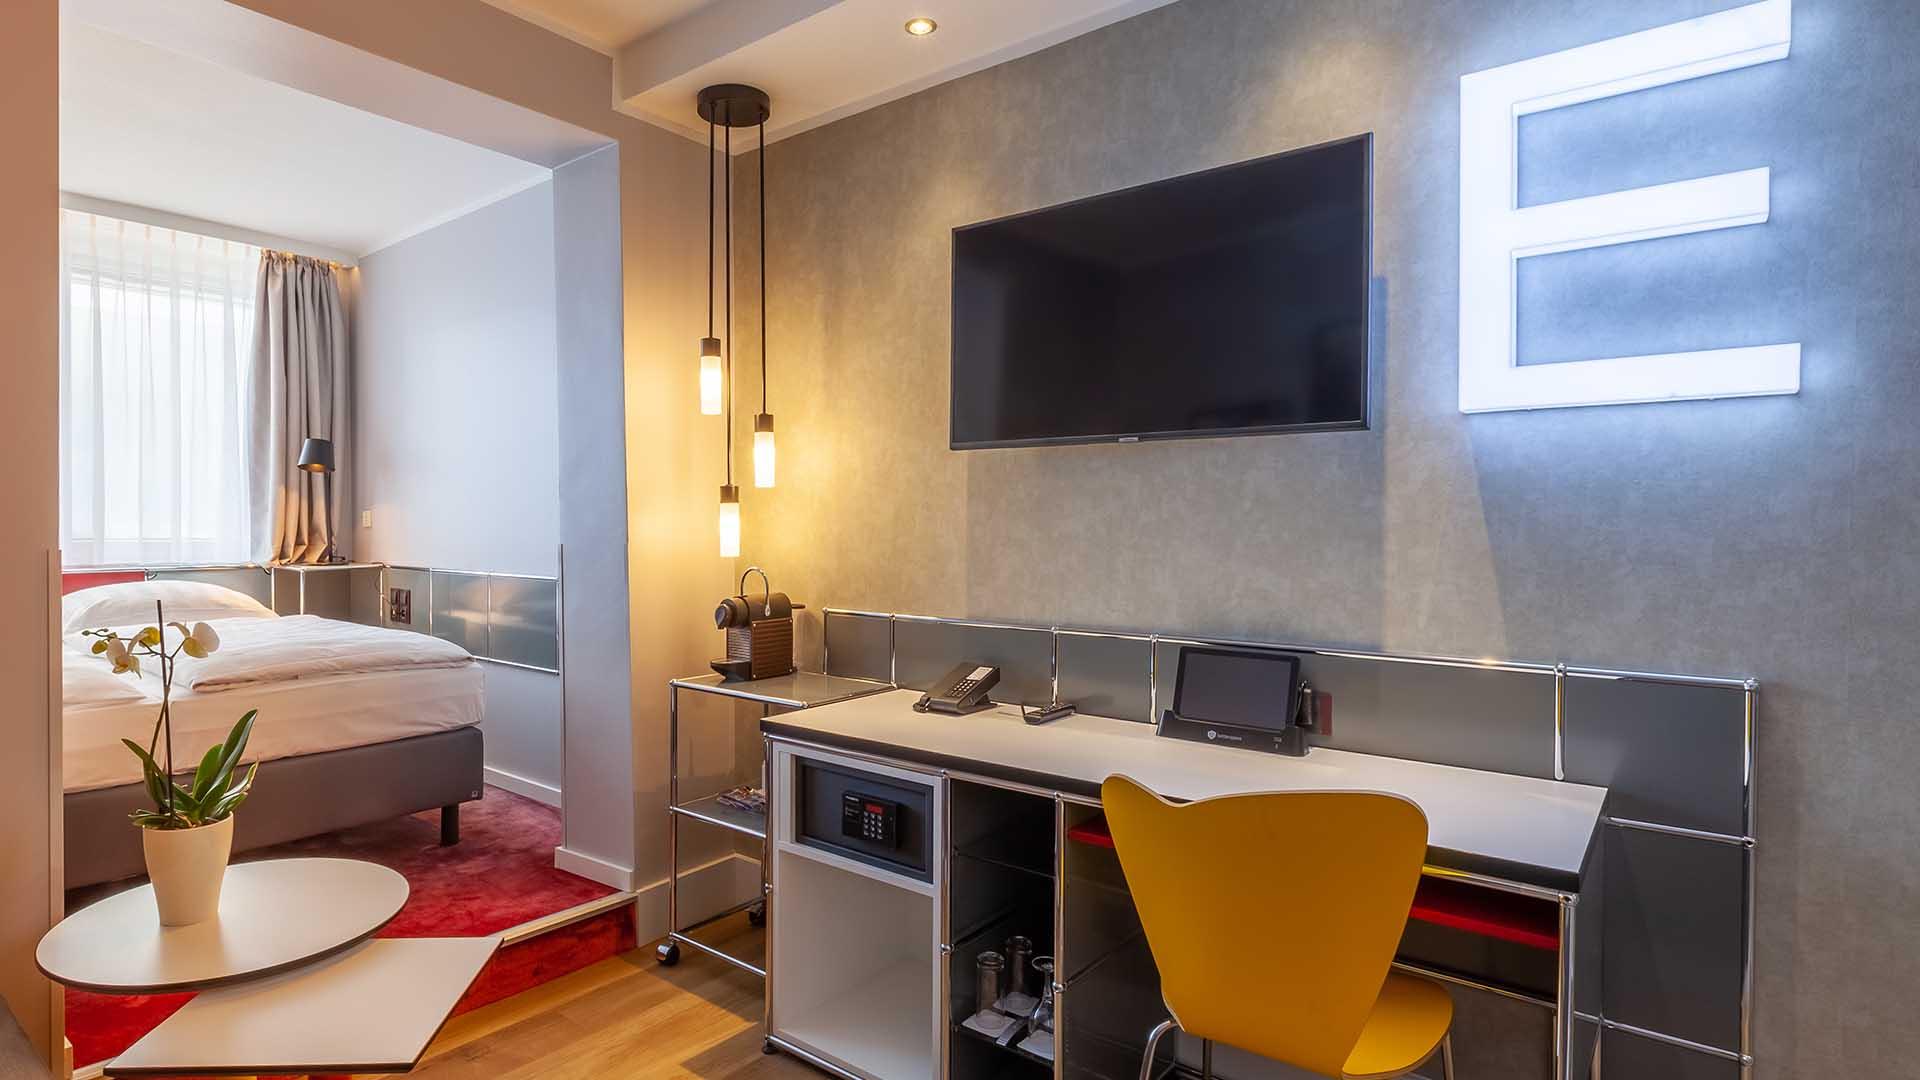 Radisson Blu Hotel Erfurt Premiumkategorie Wohn und Schlafbereich 1